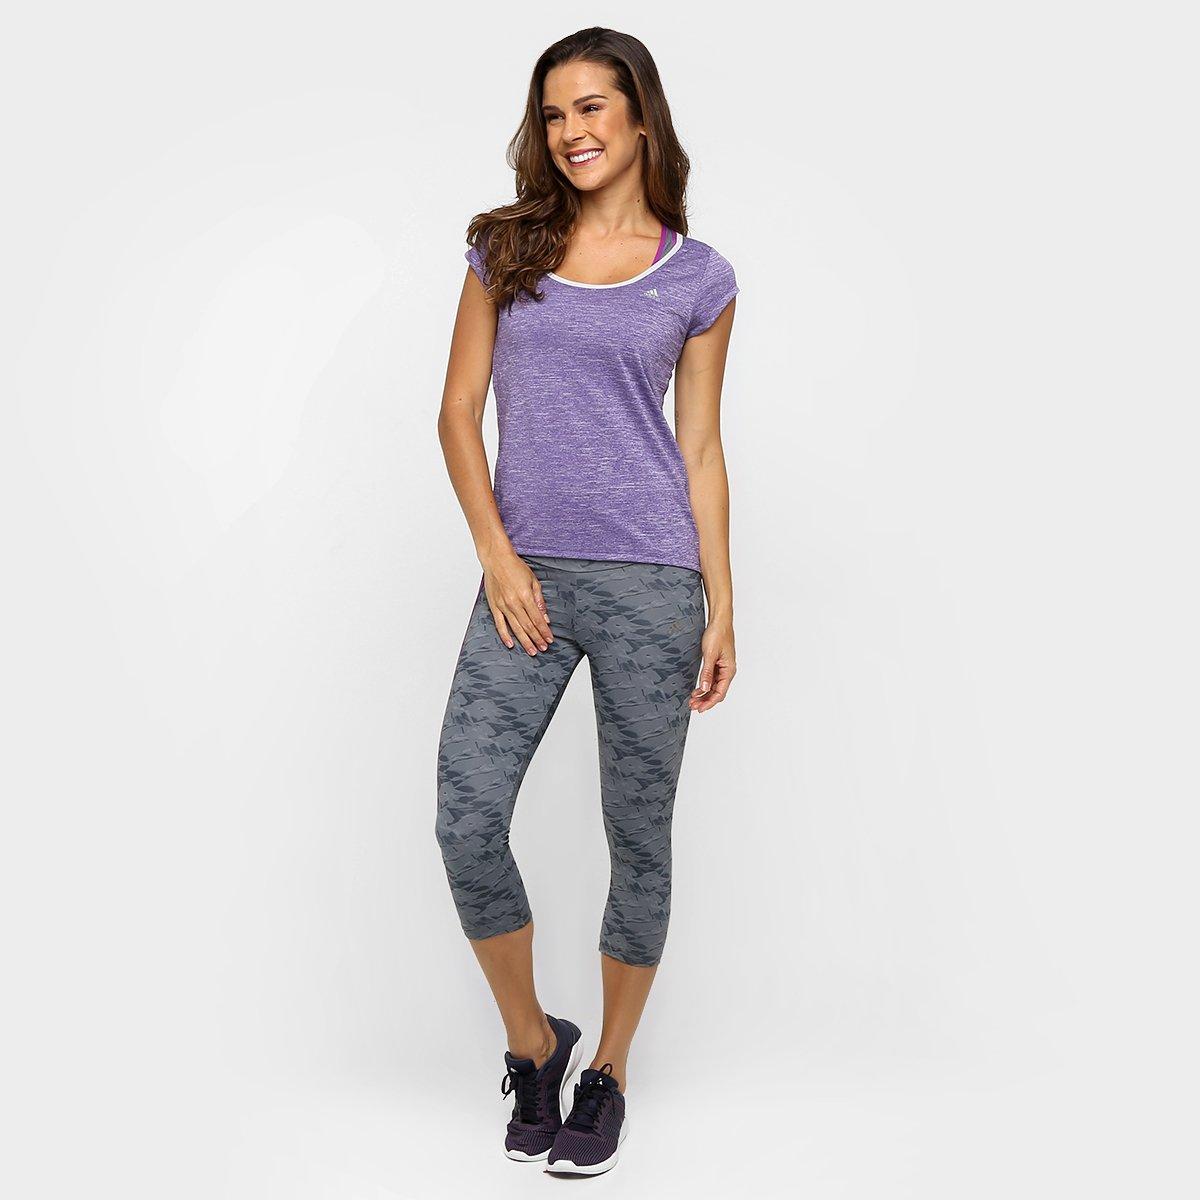 Adidas Ess Feminina Roxo Adidas Ess Camiseta Mescla Camiseta Clima O4qTPw5x